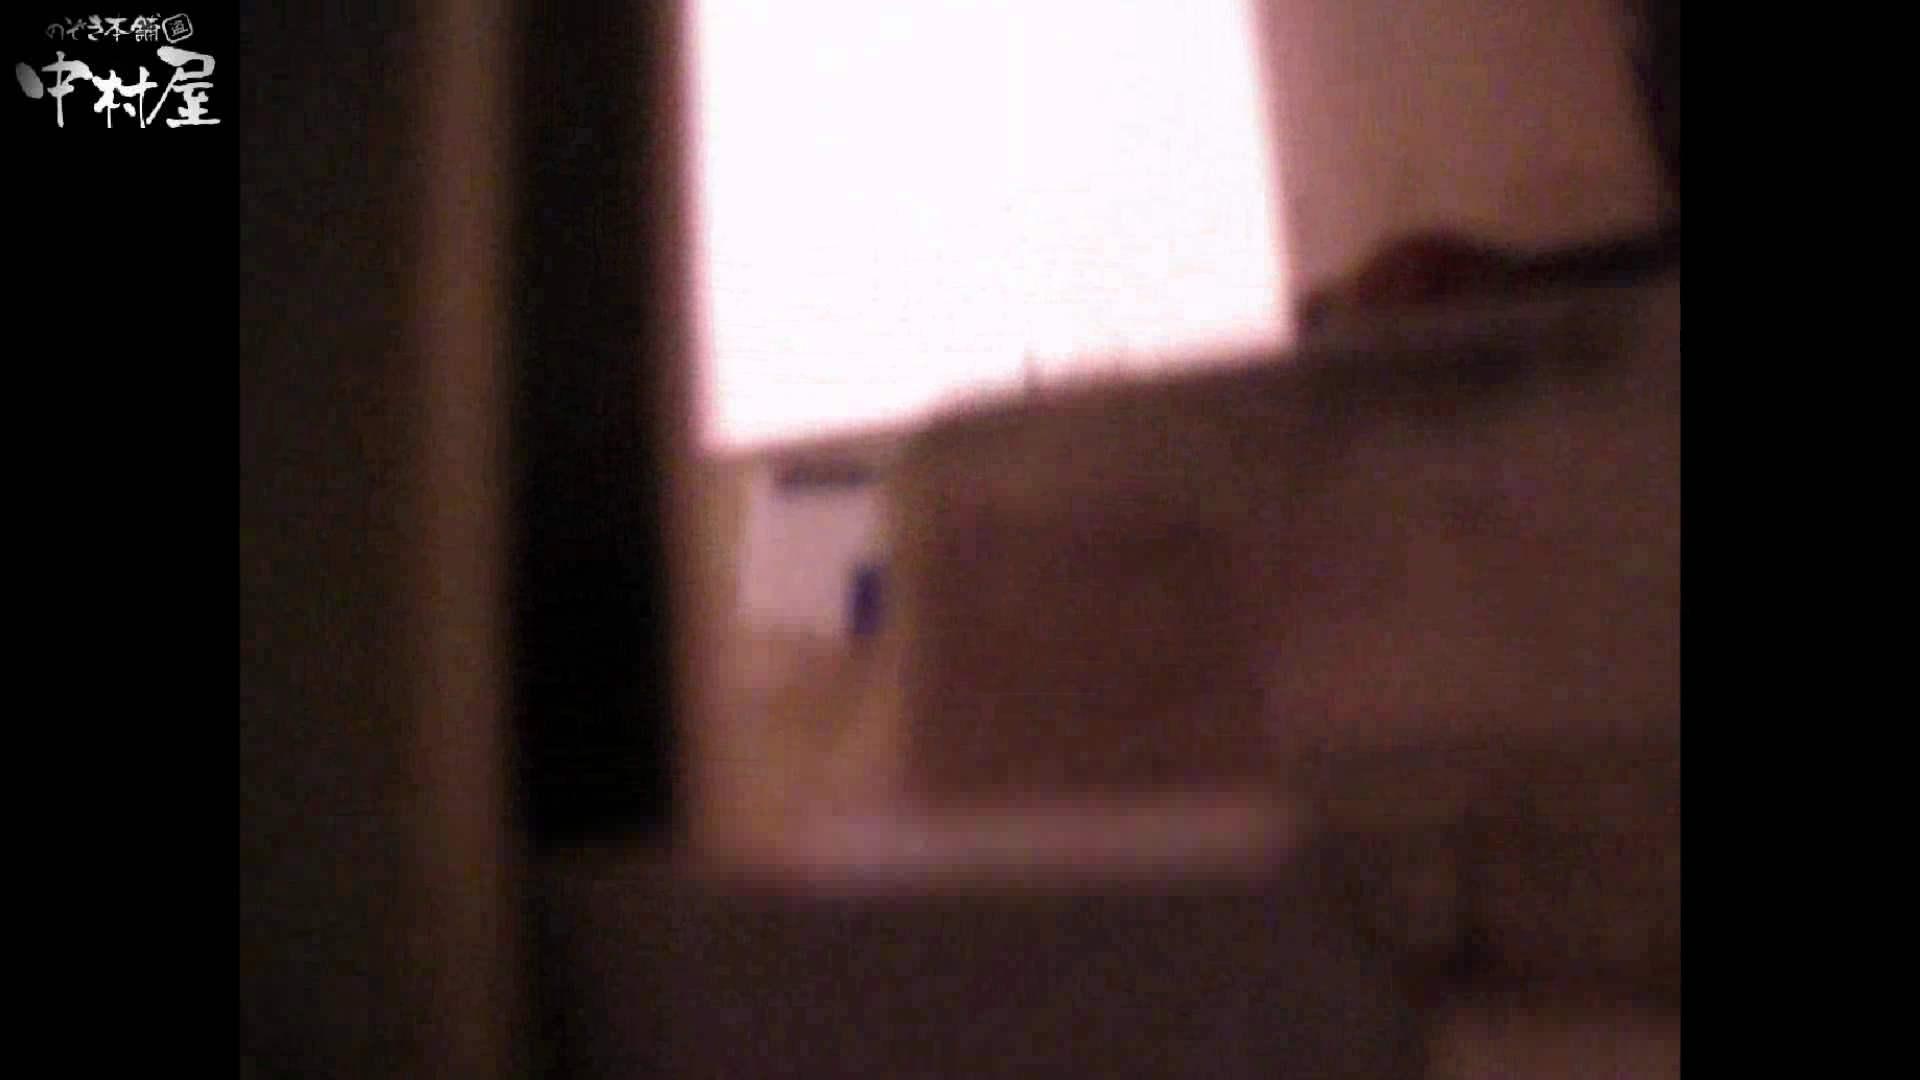 民家風呂専門盗撮師の超危険映像 vol.015 民家 すけべAV動画紹介 107連発 5